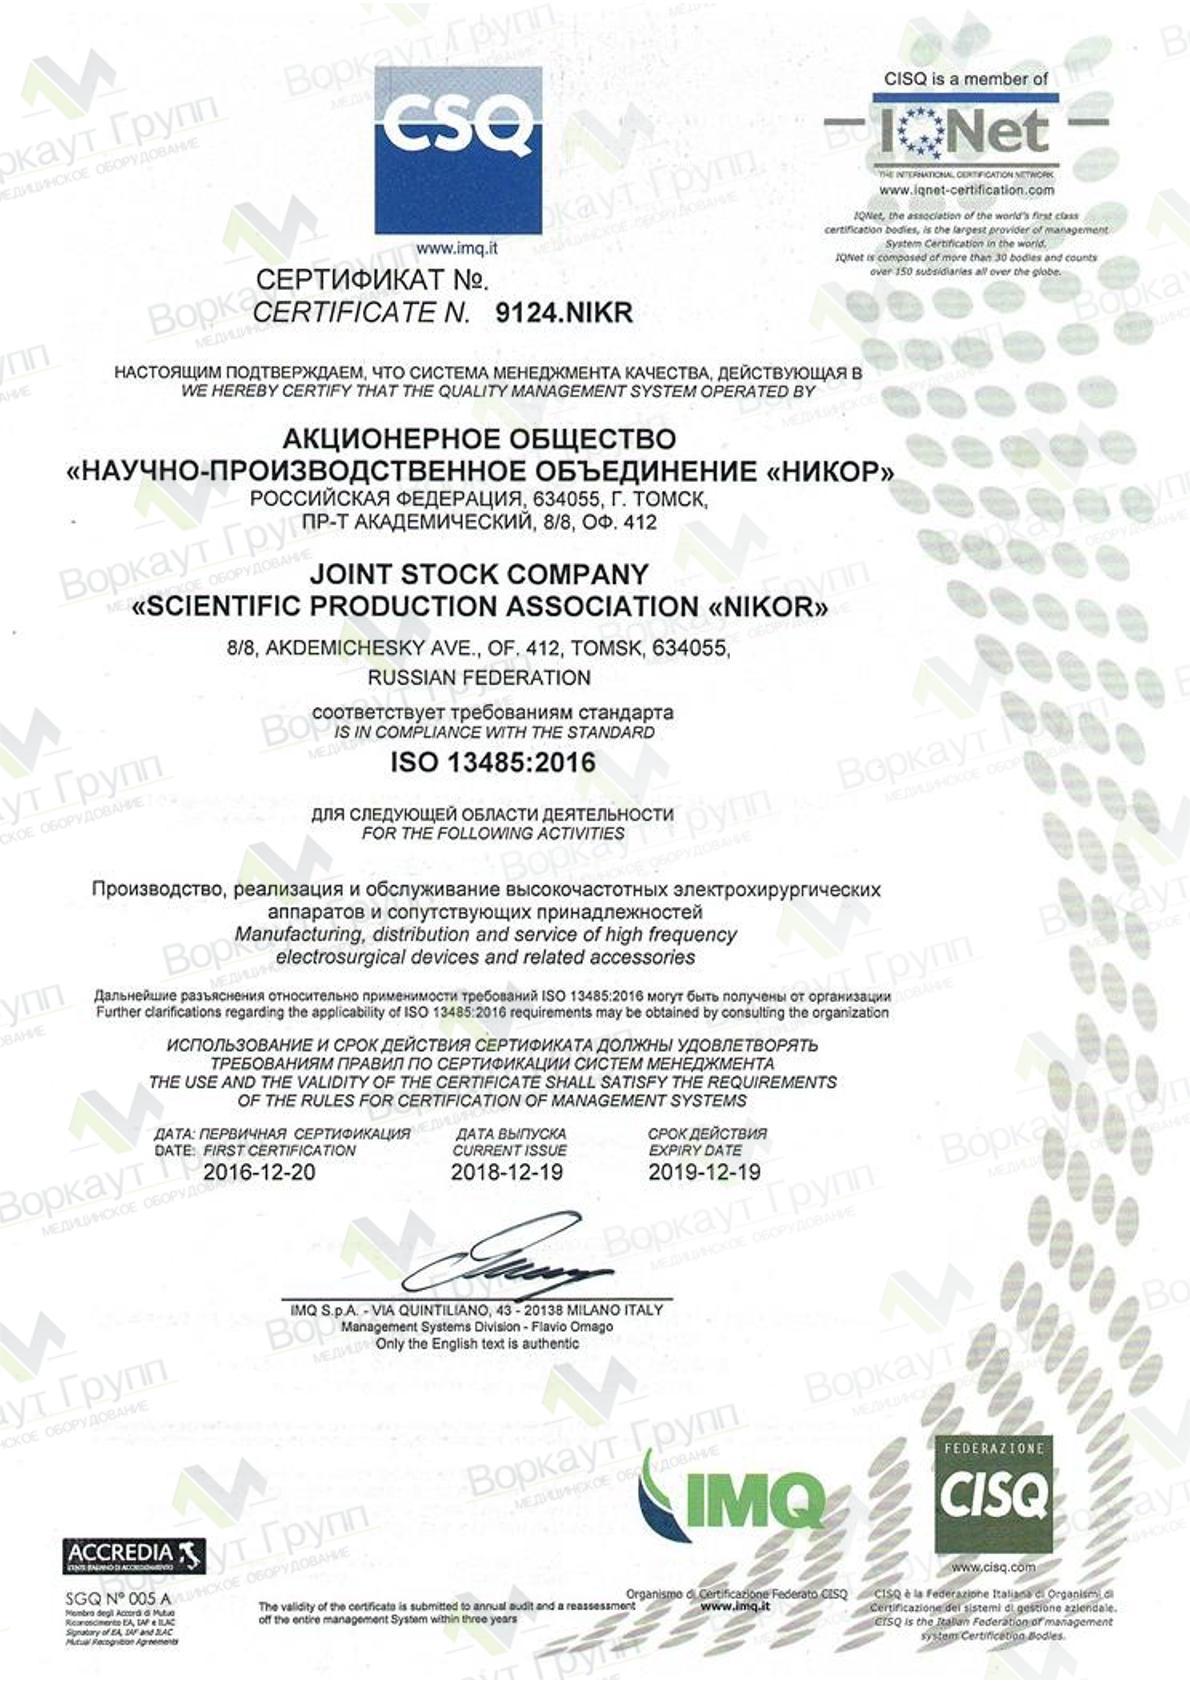 """Сертификат """"Никор"""" на русском языке"""